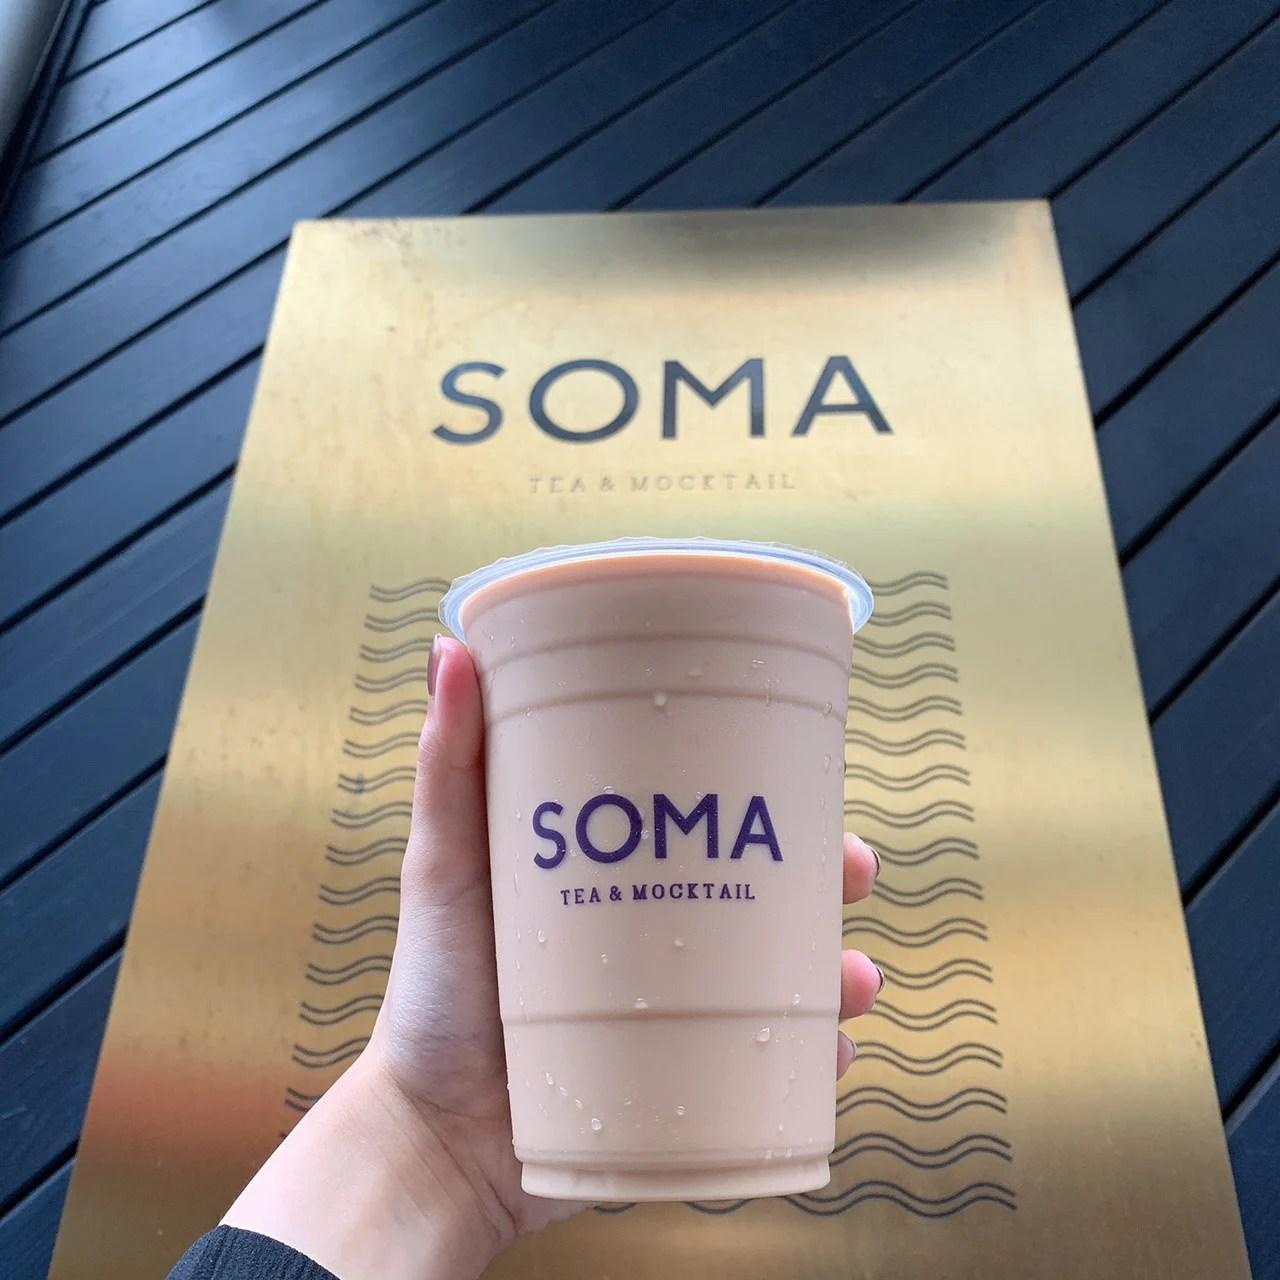 SOMA特調飲品 2019臺灣奶茶節 Niusnews 妞新聞